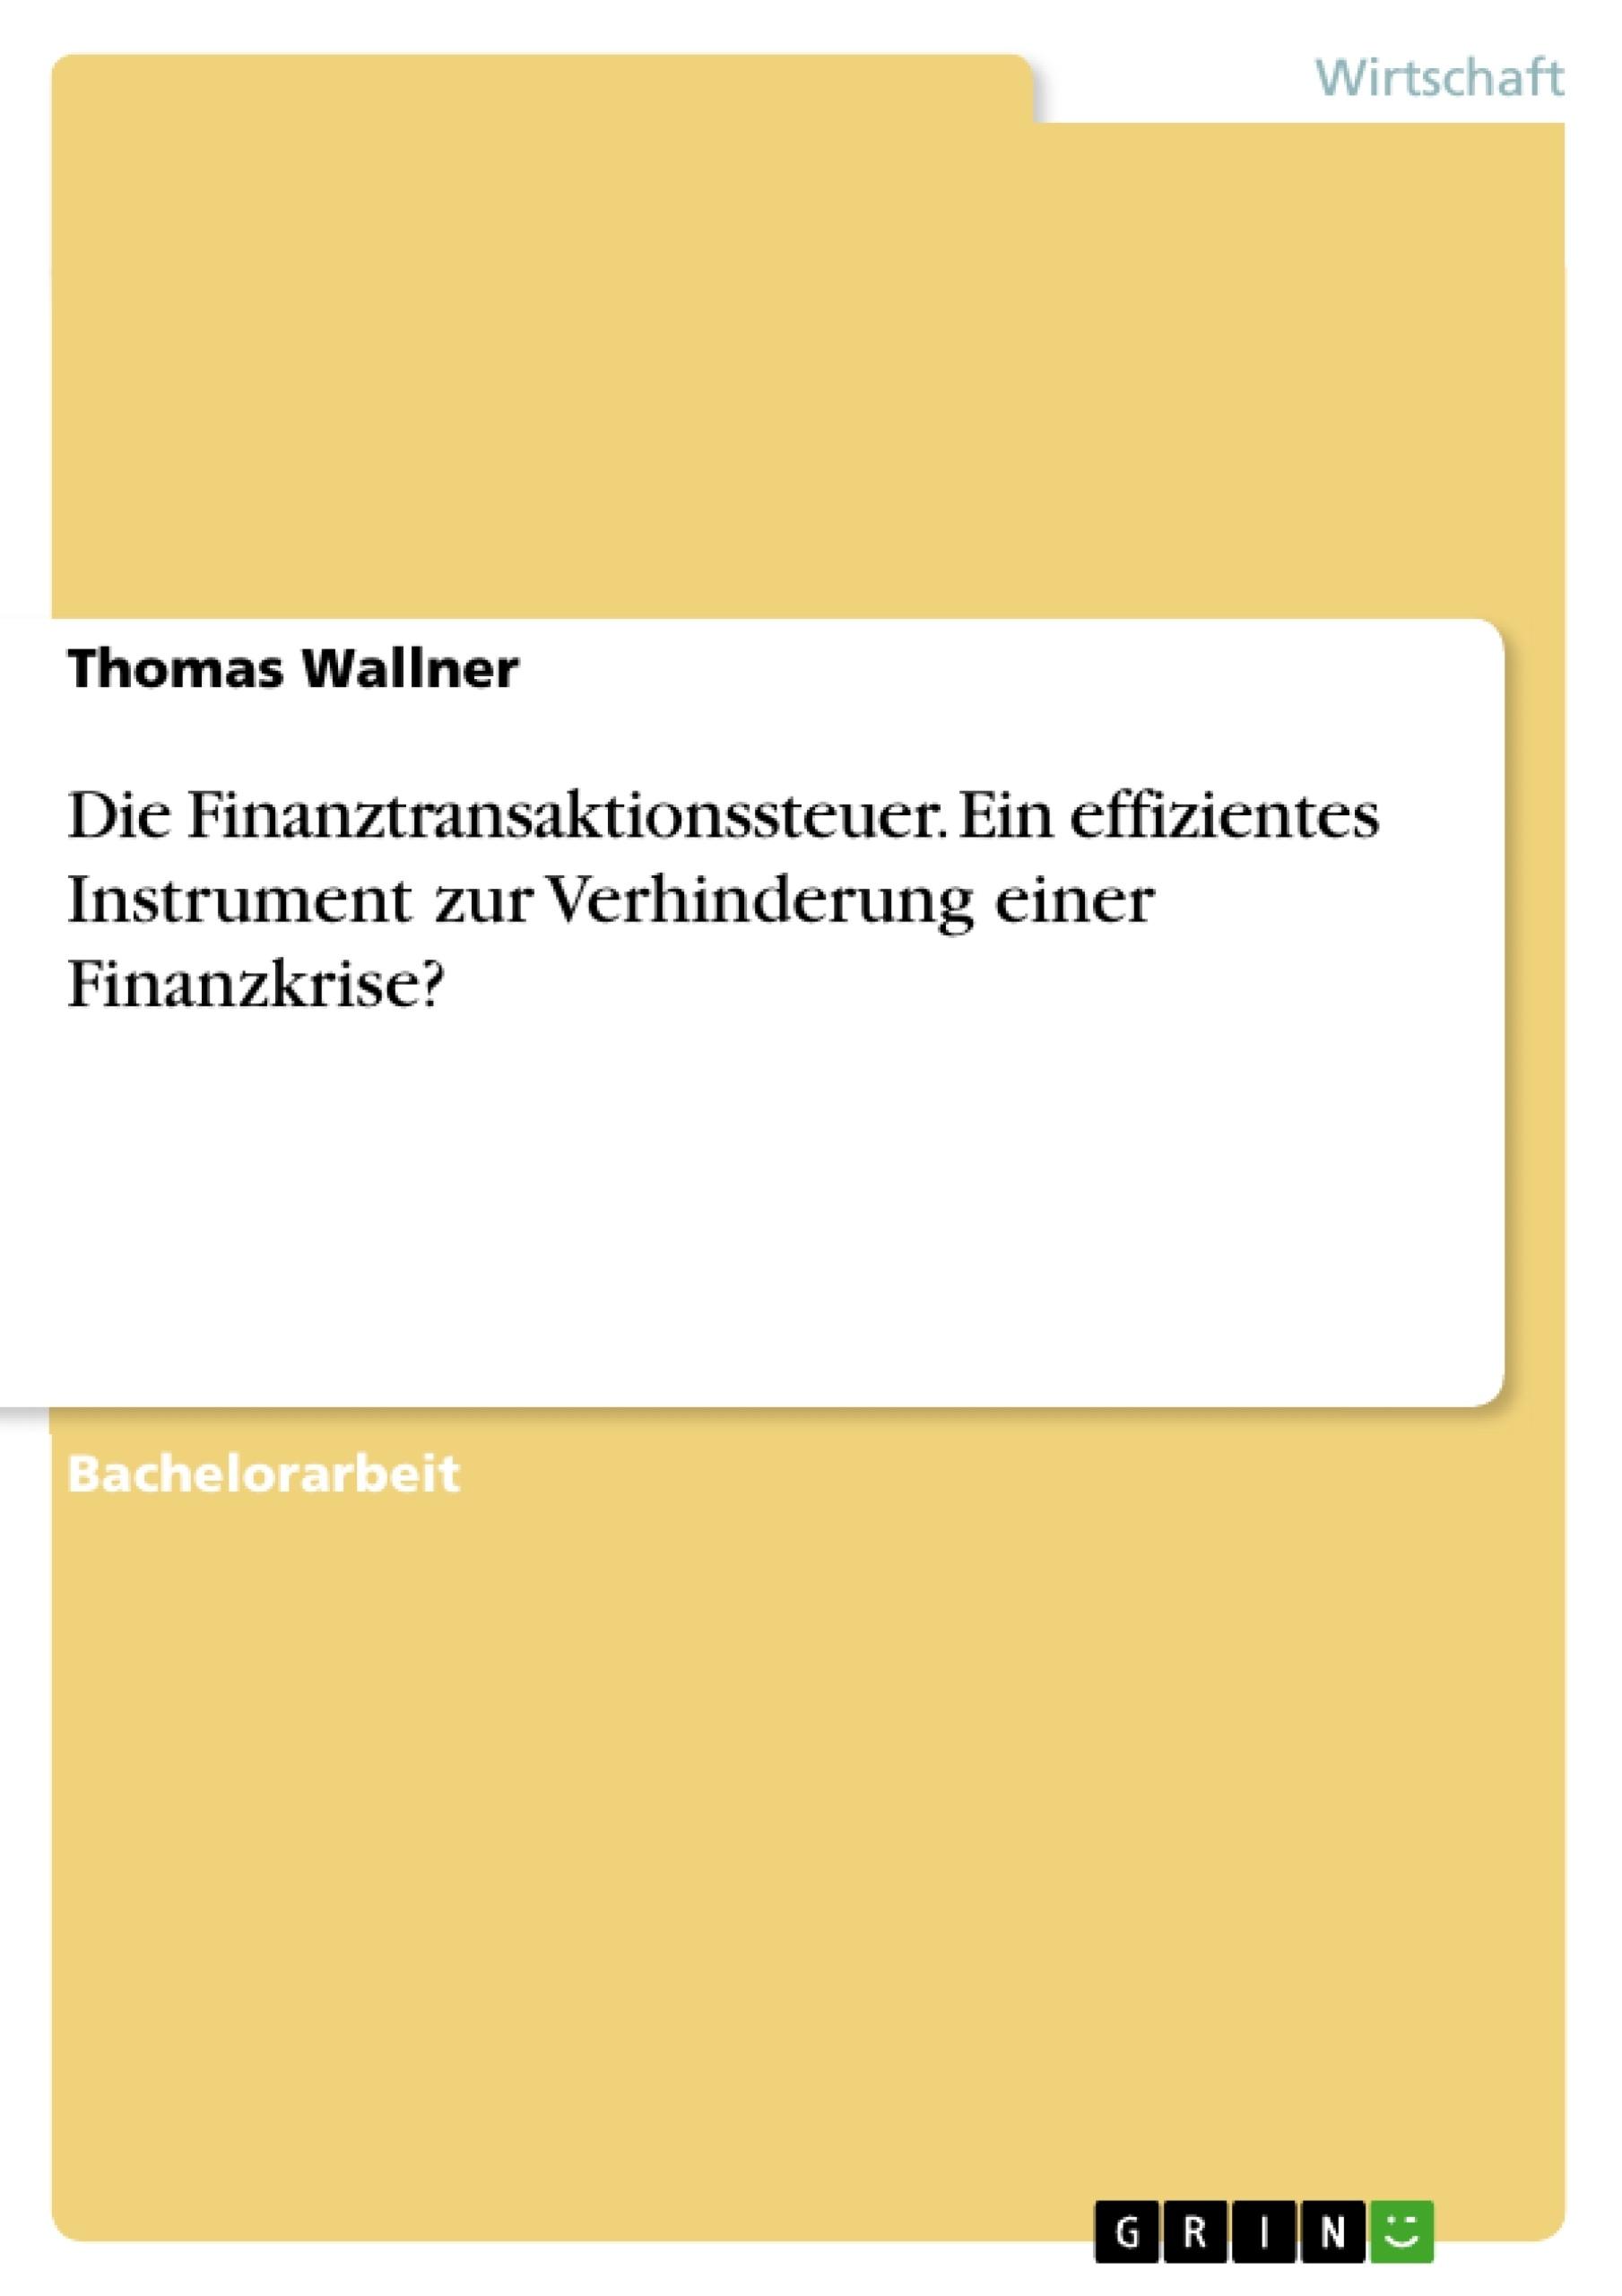 Titel: Die Finanztransaktionssteuer. Ein effizientes Instrument zur Verhinderung einer Finanzkrise?